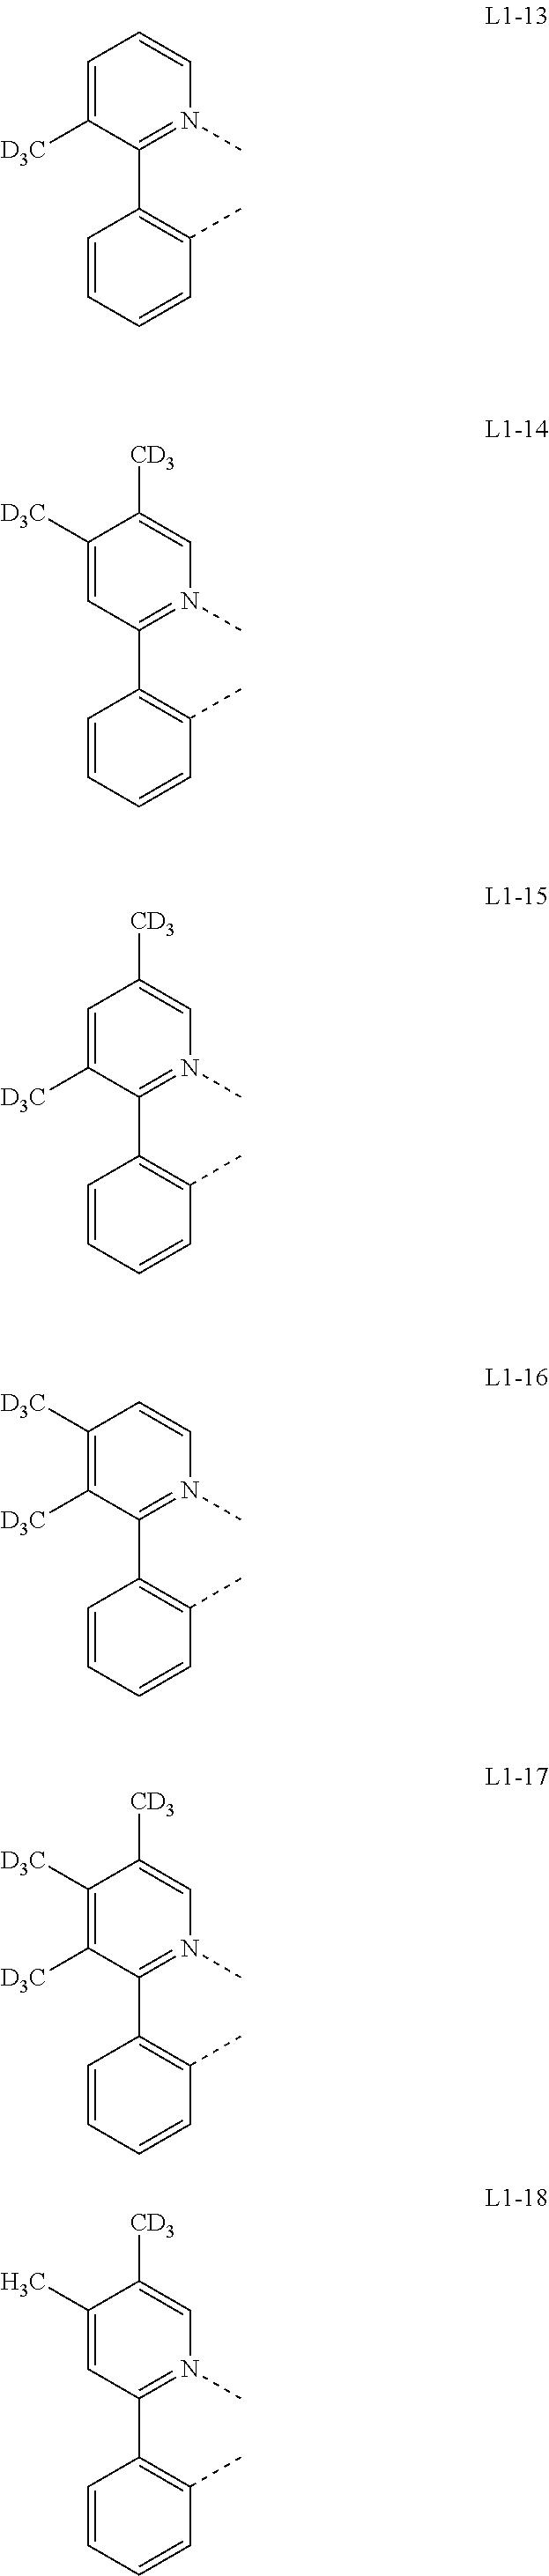 Figure US10074806-20180911-C00045